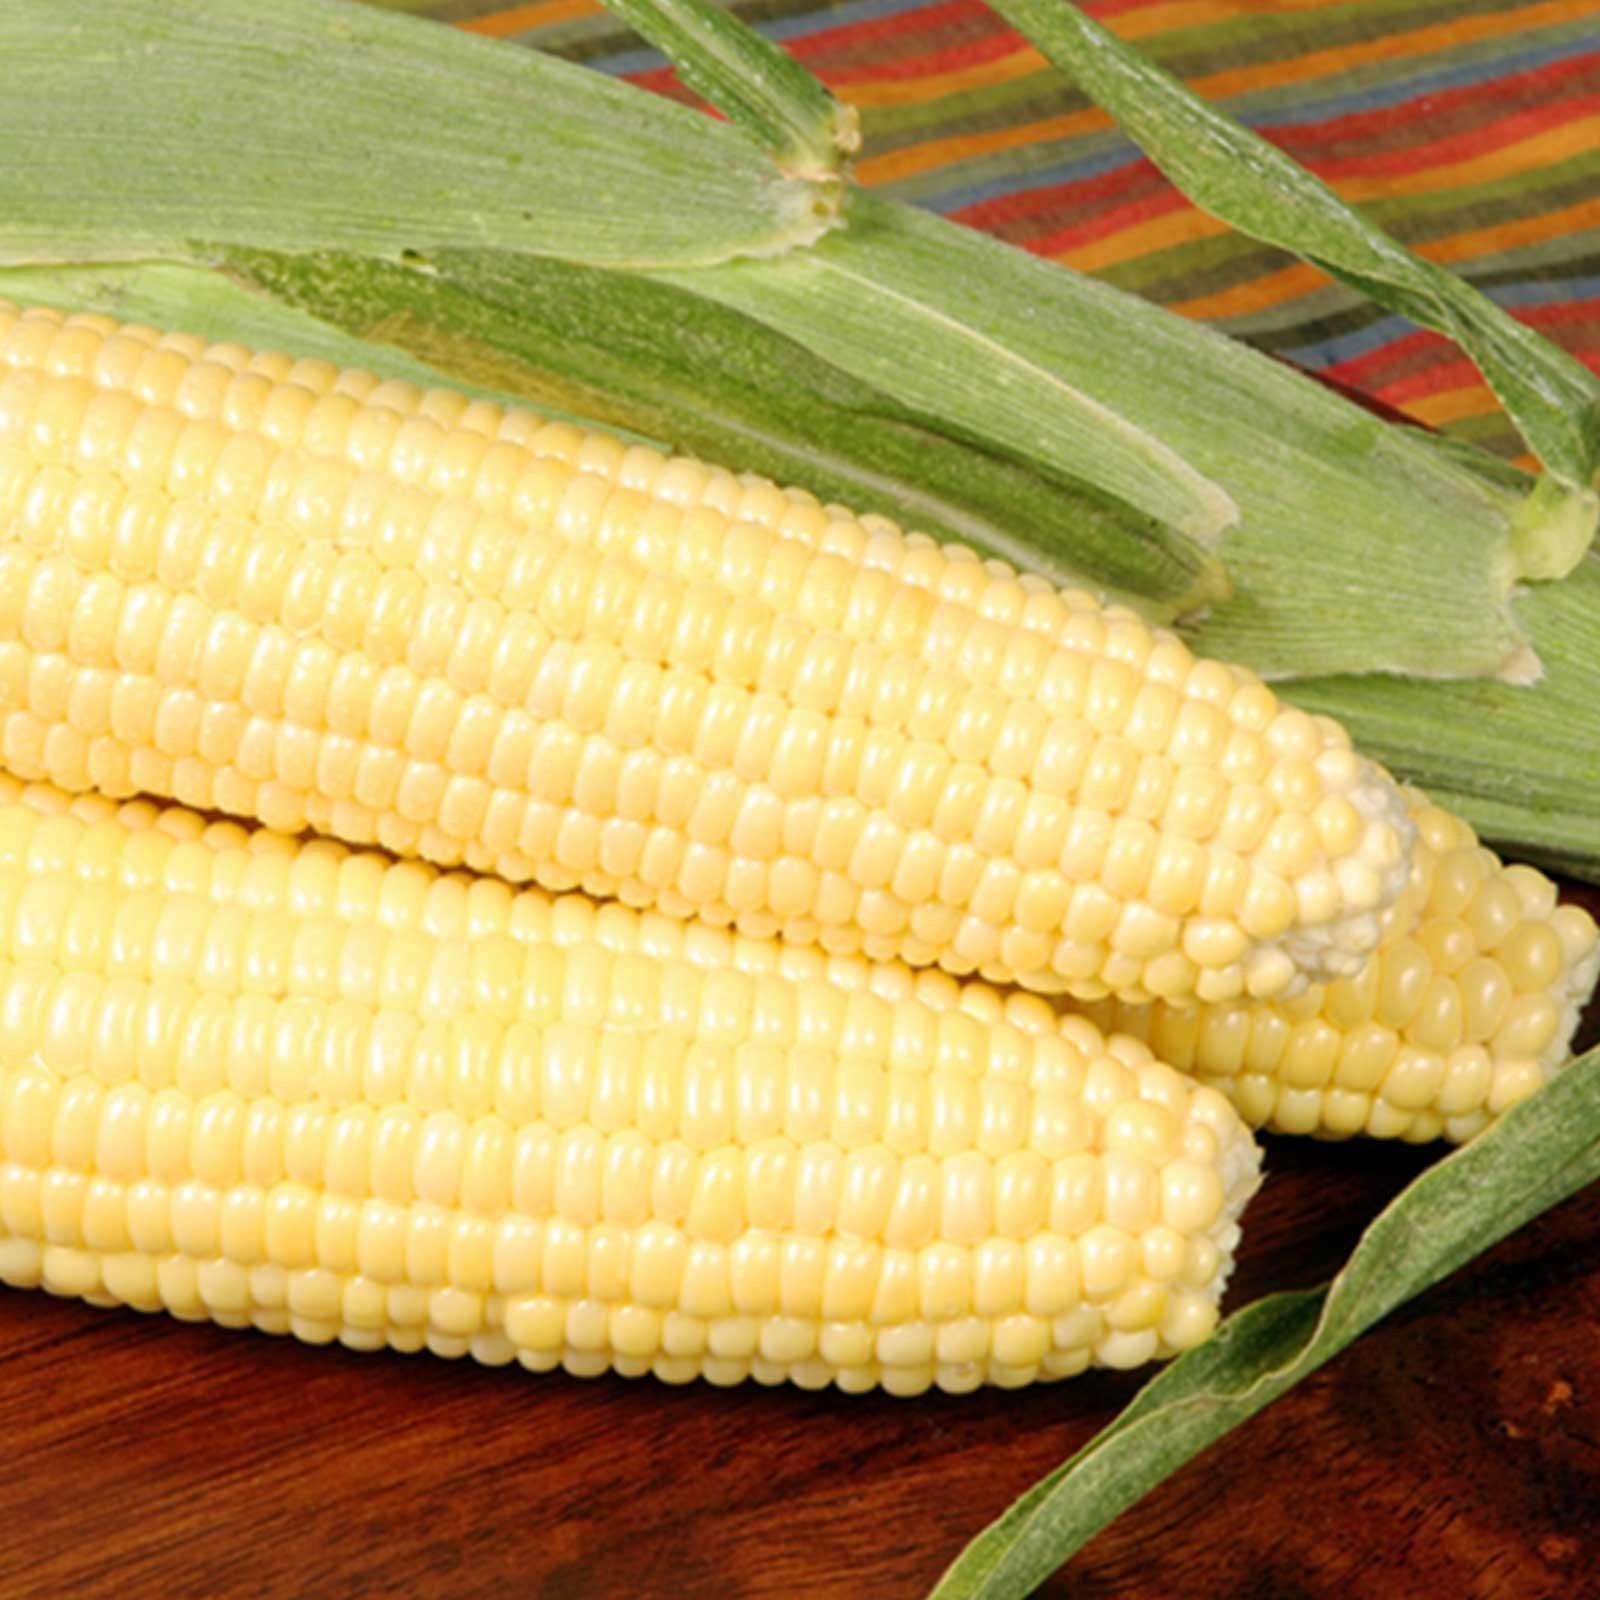 Bodacious R/M Hybrid Corn Garden Seeds - 5 Lb - Non-GMO, SE (Sugary Enhanced) Vegetable Gardening Seeds